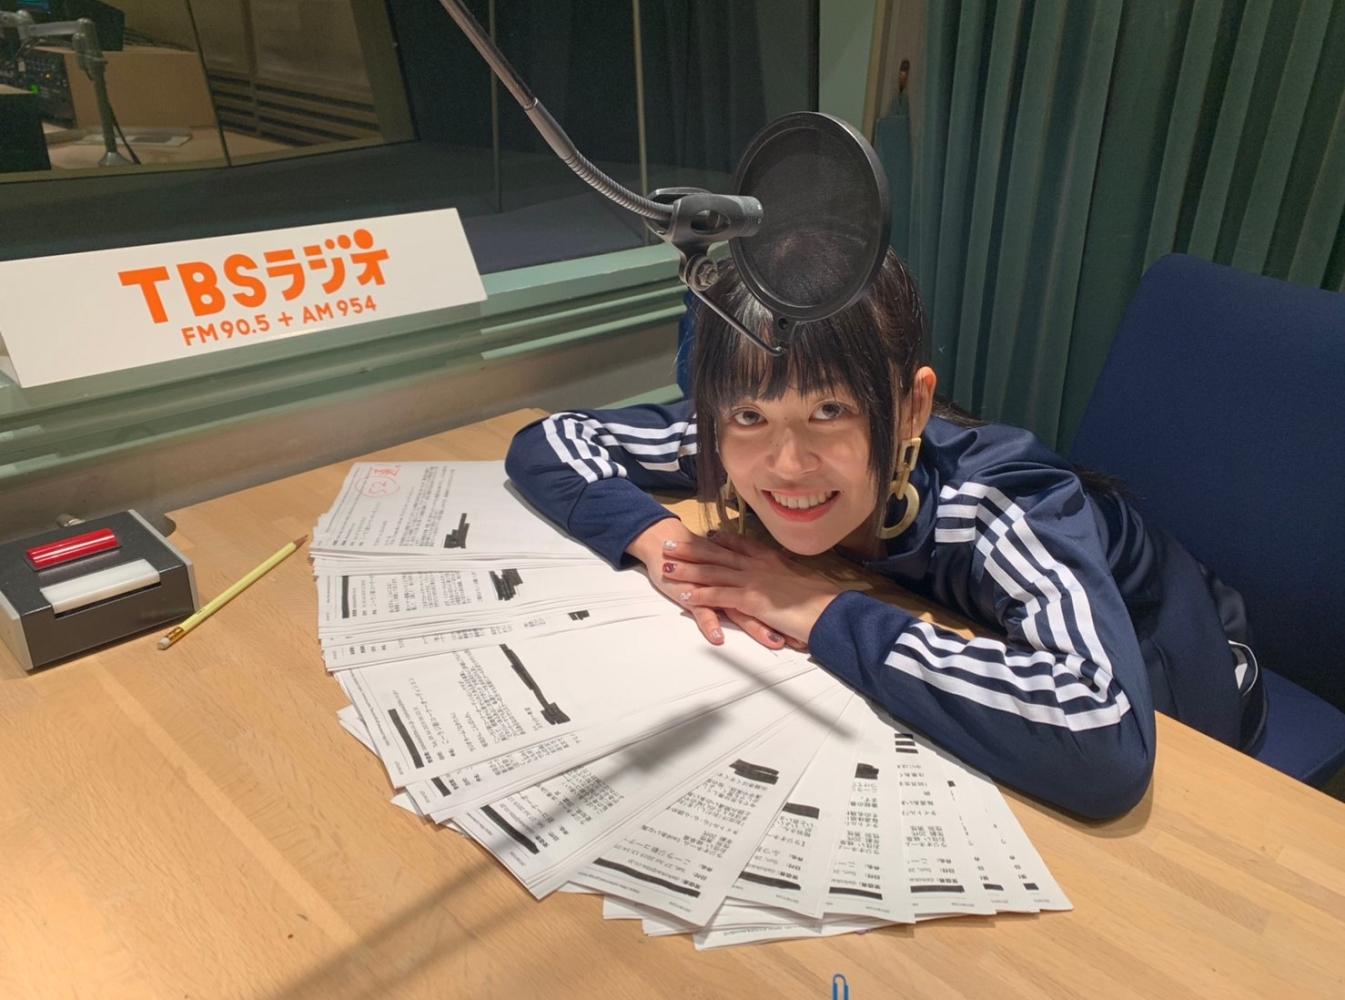 【告知】声優・相羽あいなと電話したい方募集中!【TBSラジオ ...